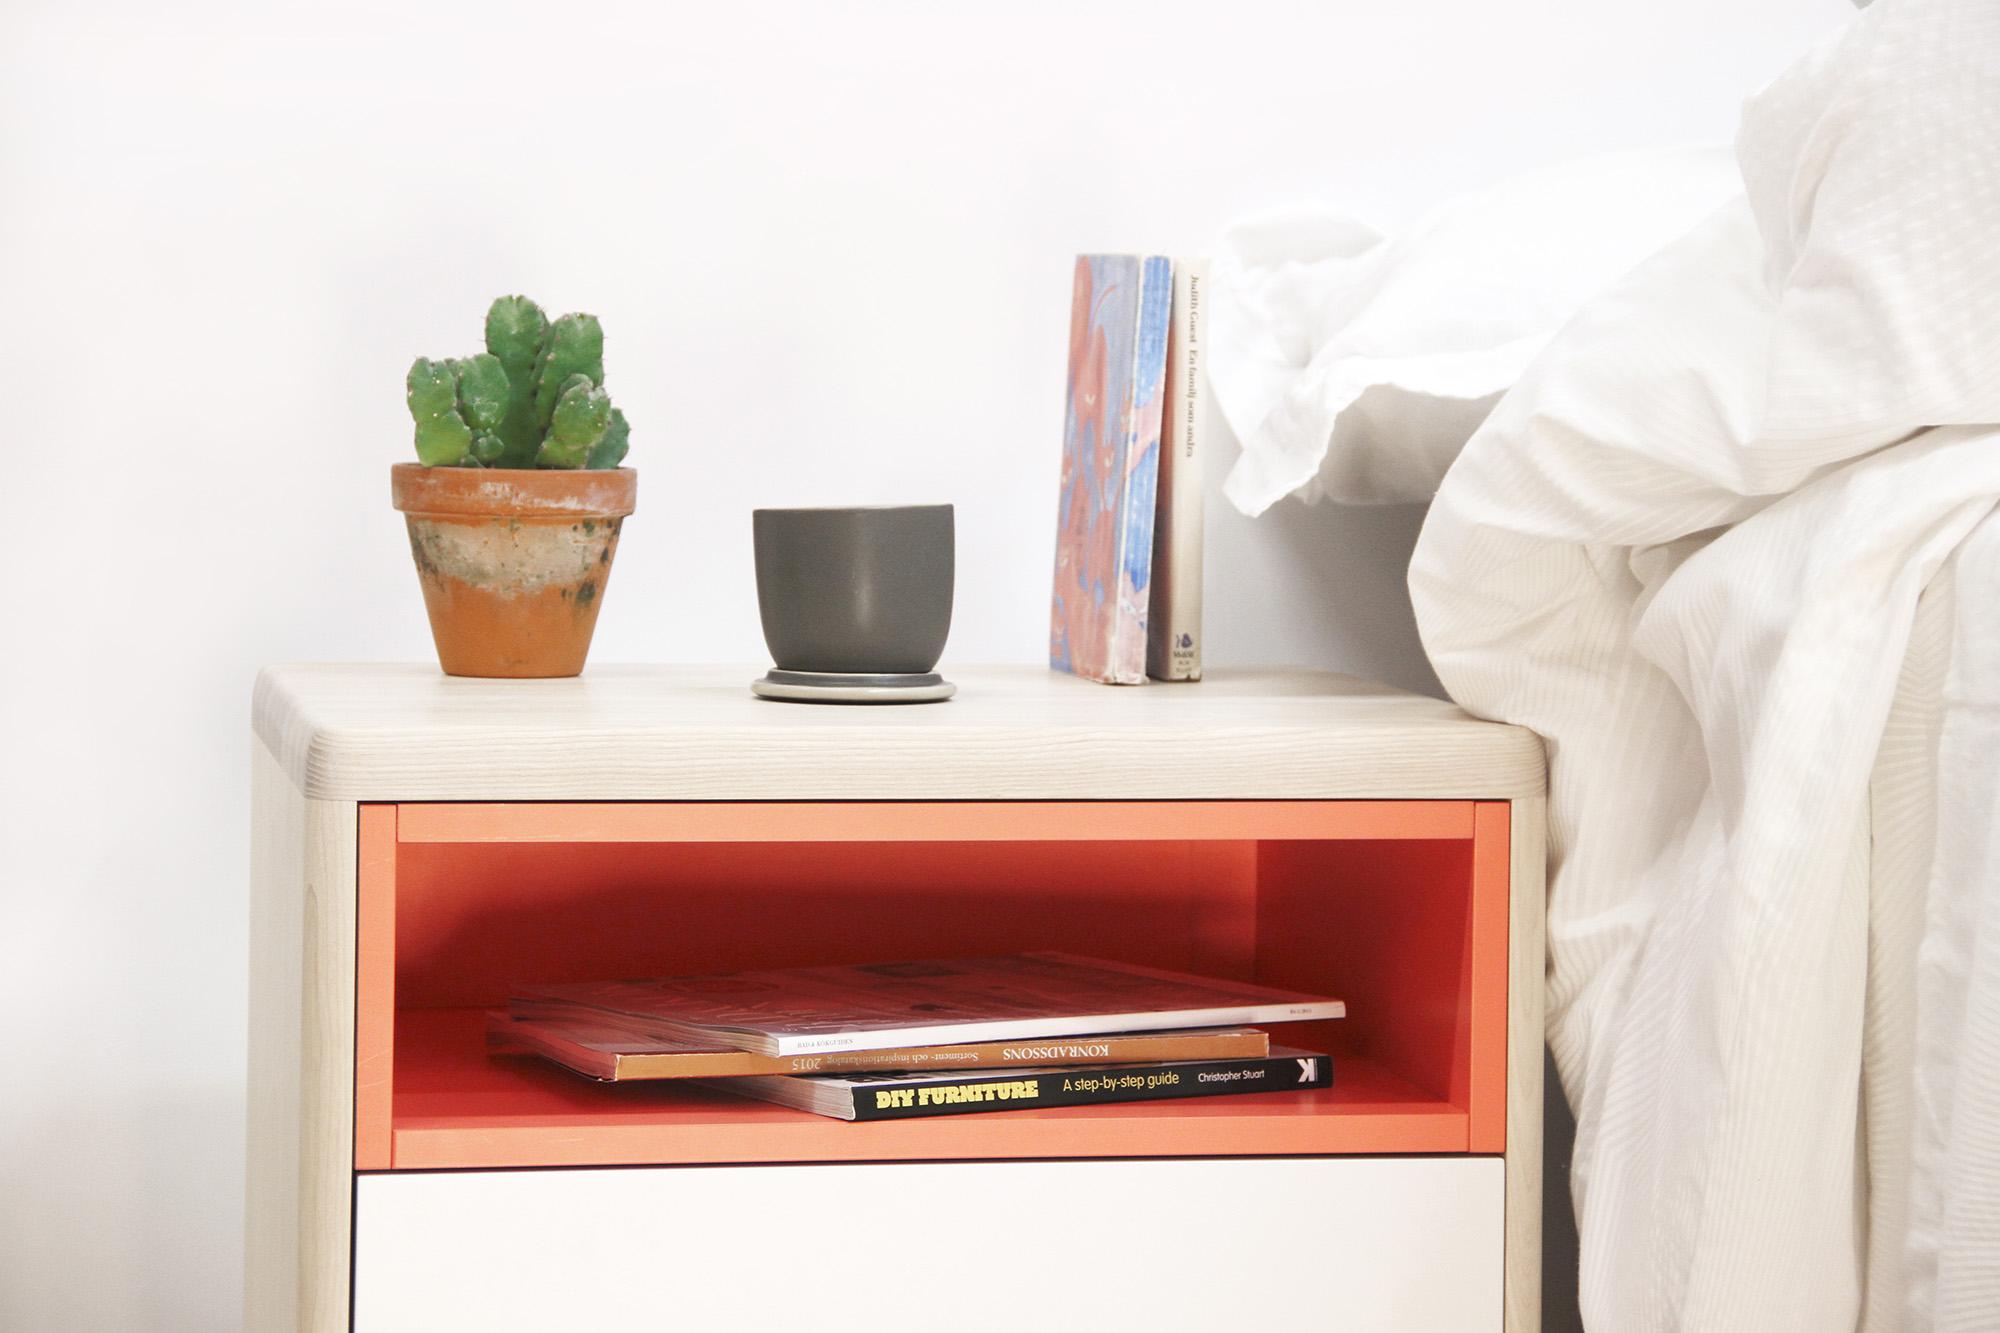 ... Minimal Scandinavian Furniture By Designer Carlos Jimenez 2 1024x682  Minimal Scandinavian Furniture By Designer Carlos Jiménez ...